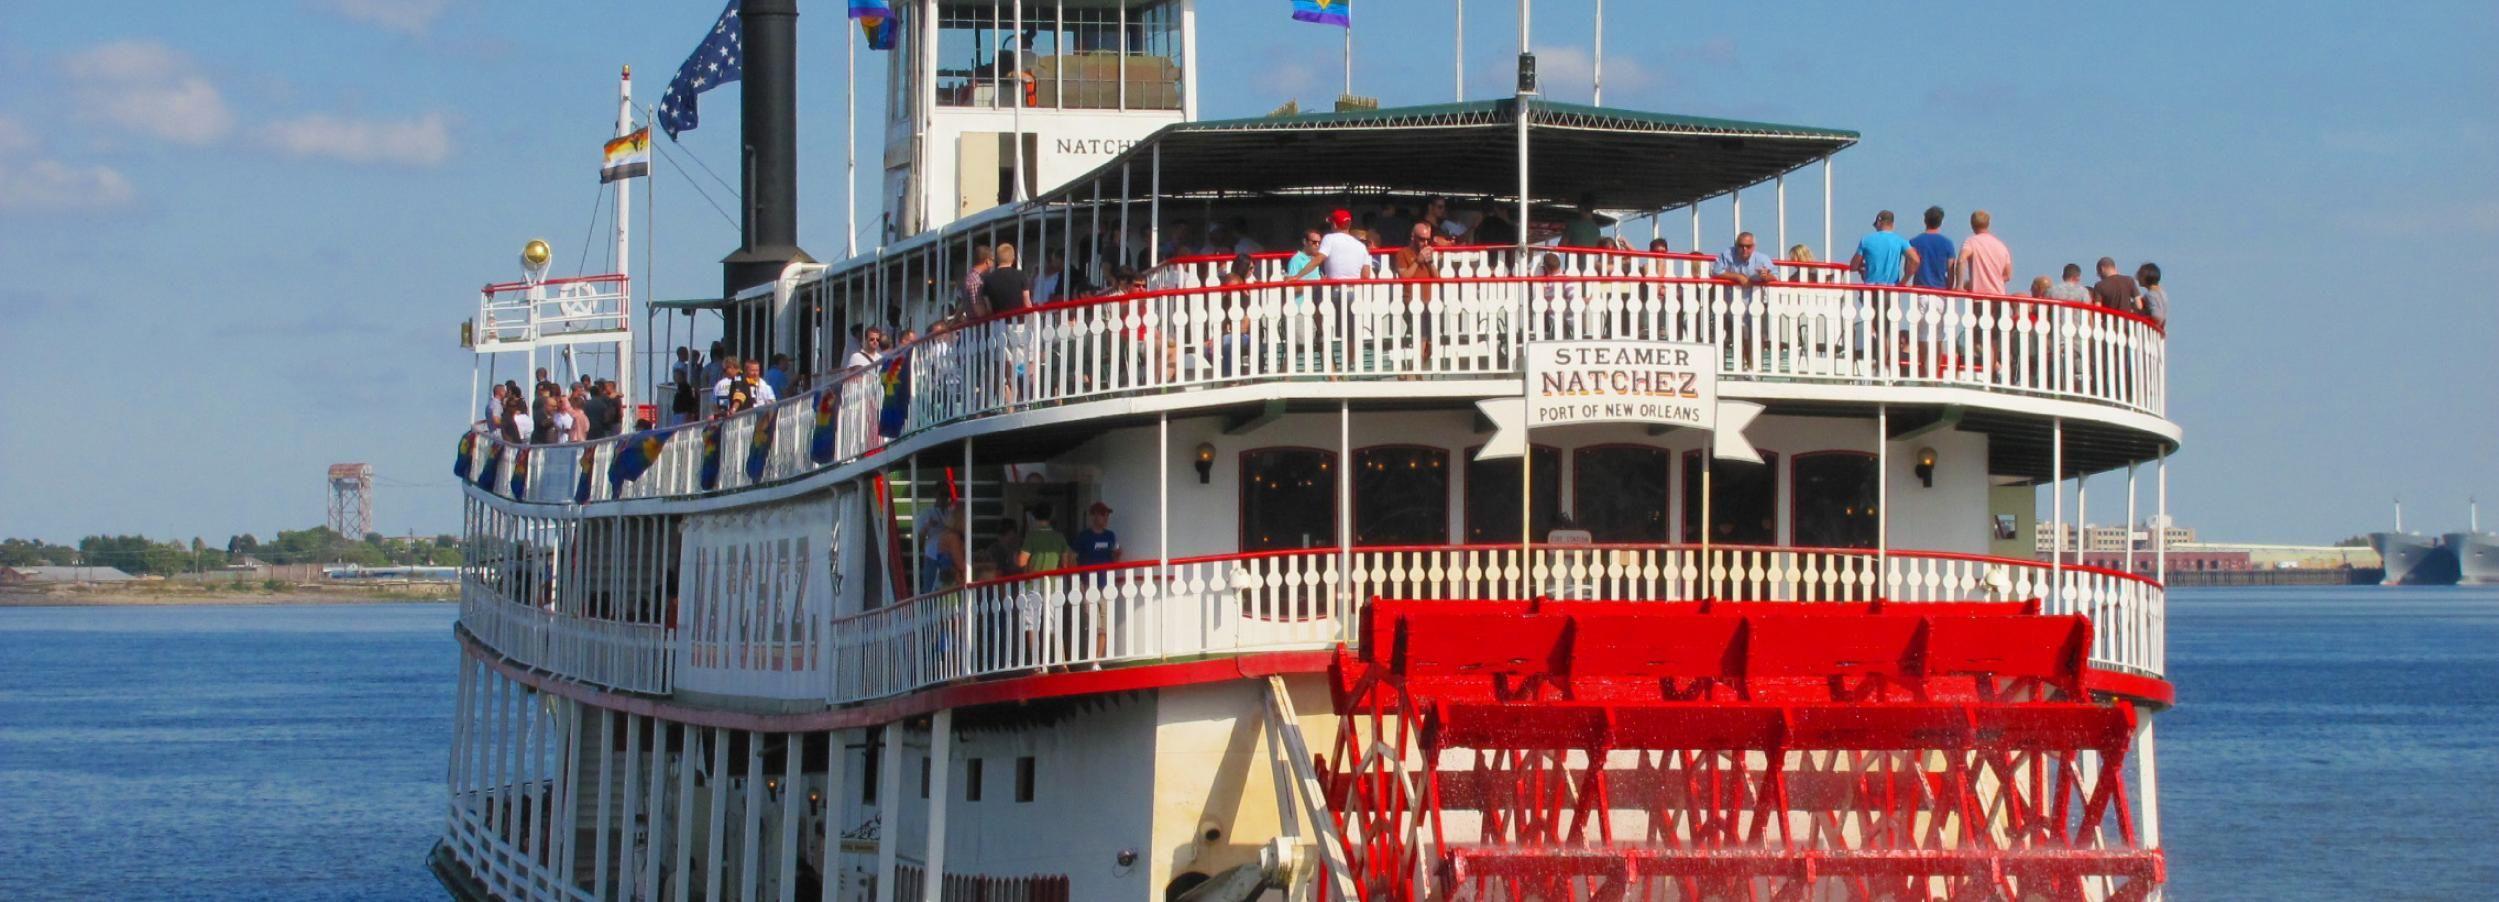 Nueva Orleans: crucero de jazz a bordo del Natchez